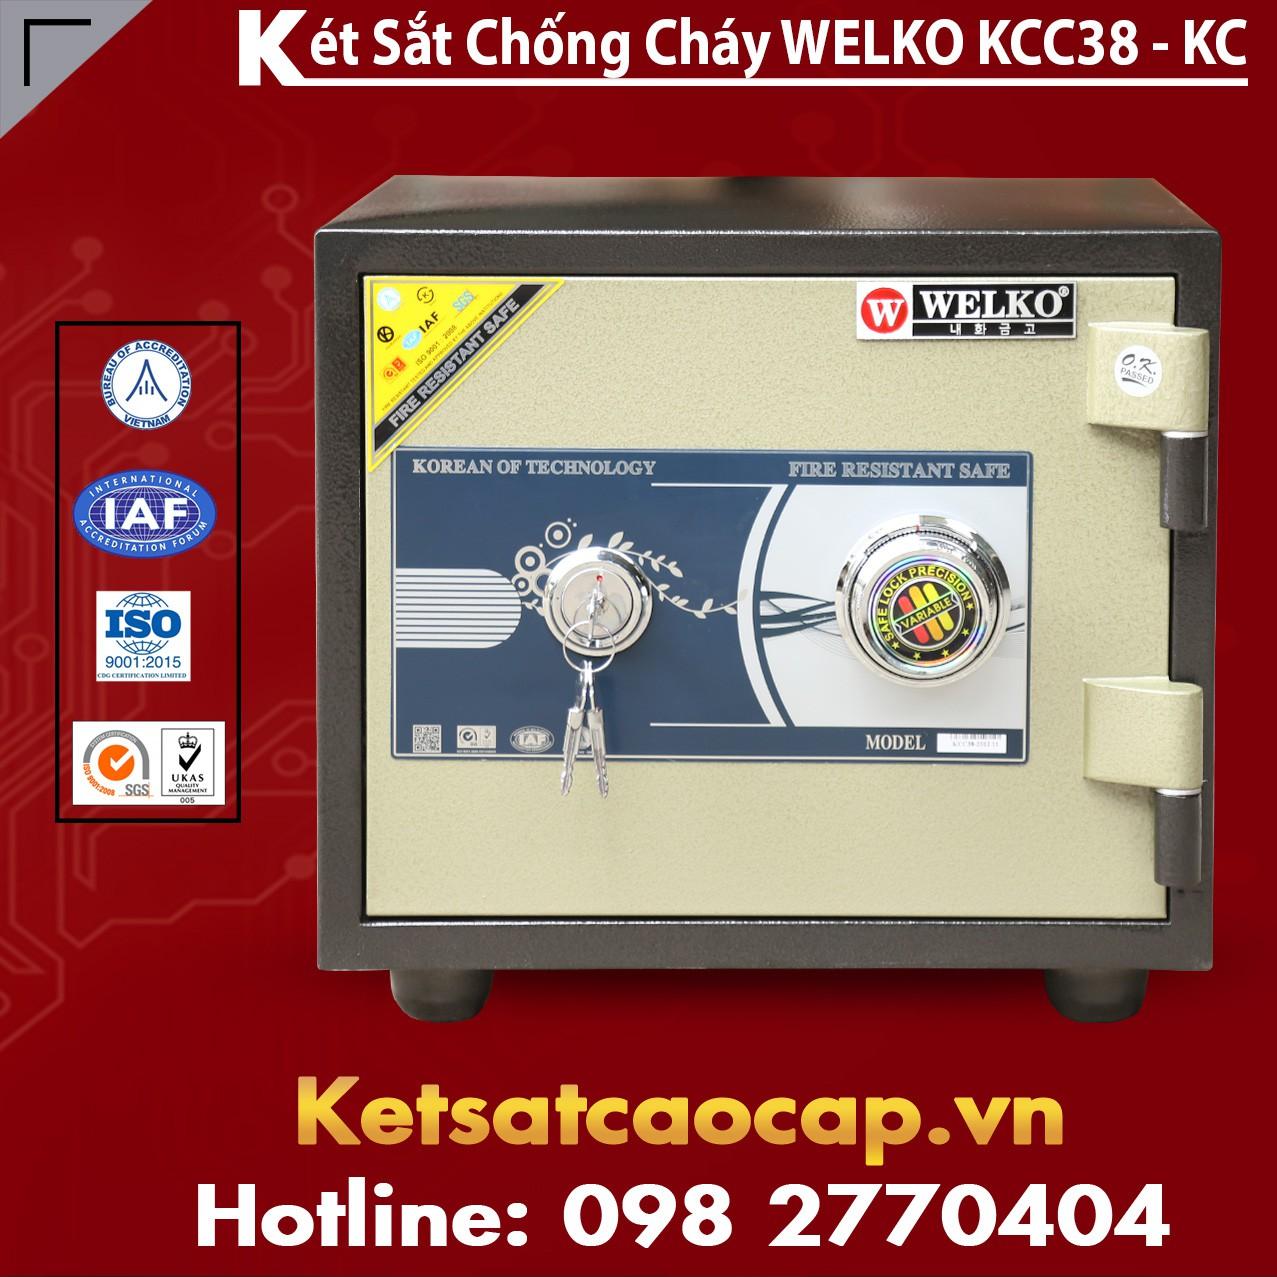 Két Sắt Chống Cháy KCC38 - KC